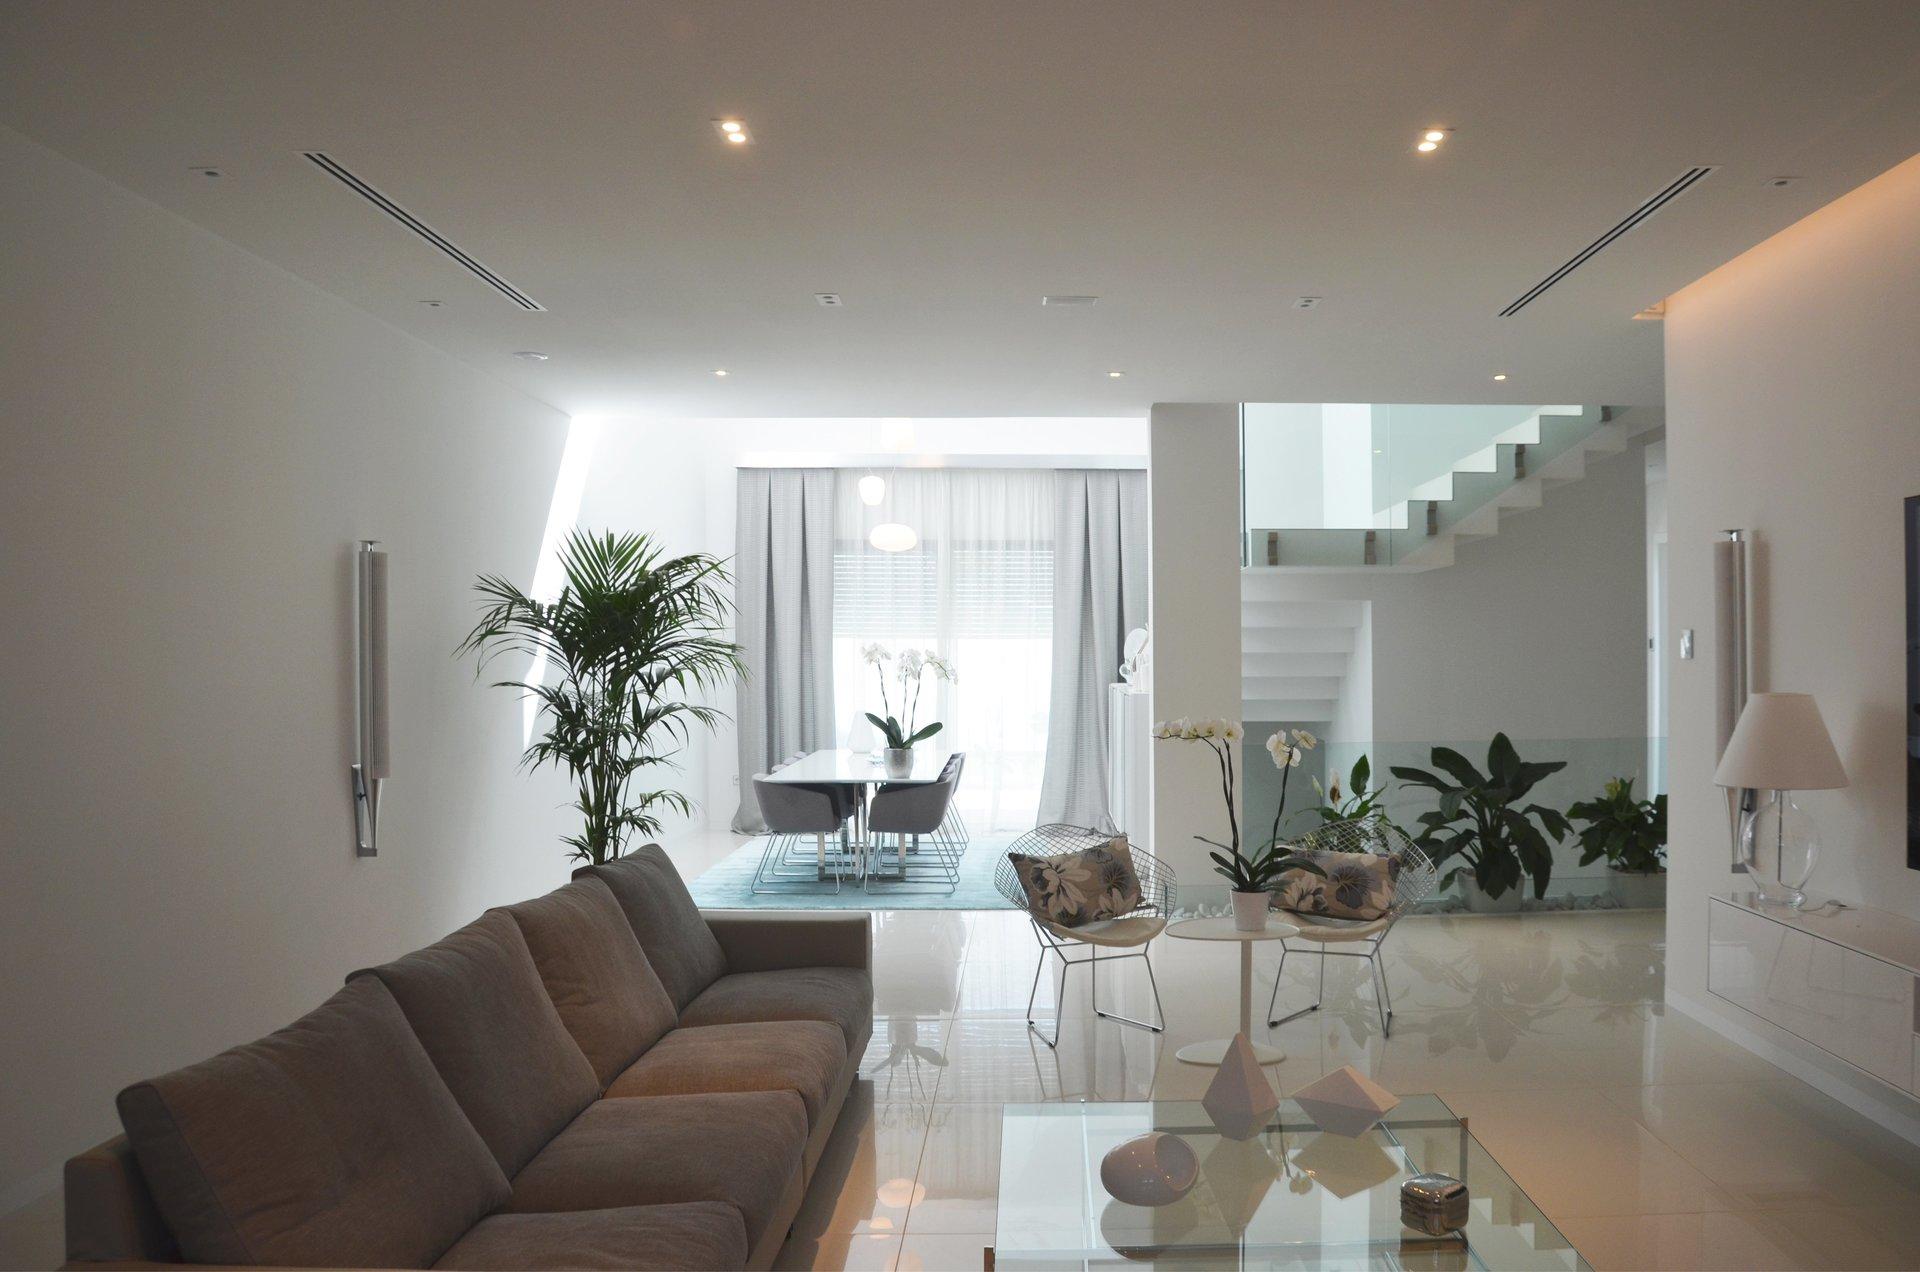 Salón de diseño en vivienda unifamiliar moderna en Almeria. Arquitectura moderna en Almeria. Interiorismo Almeria.